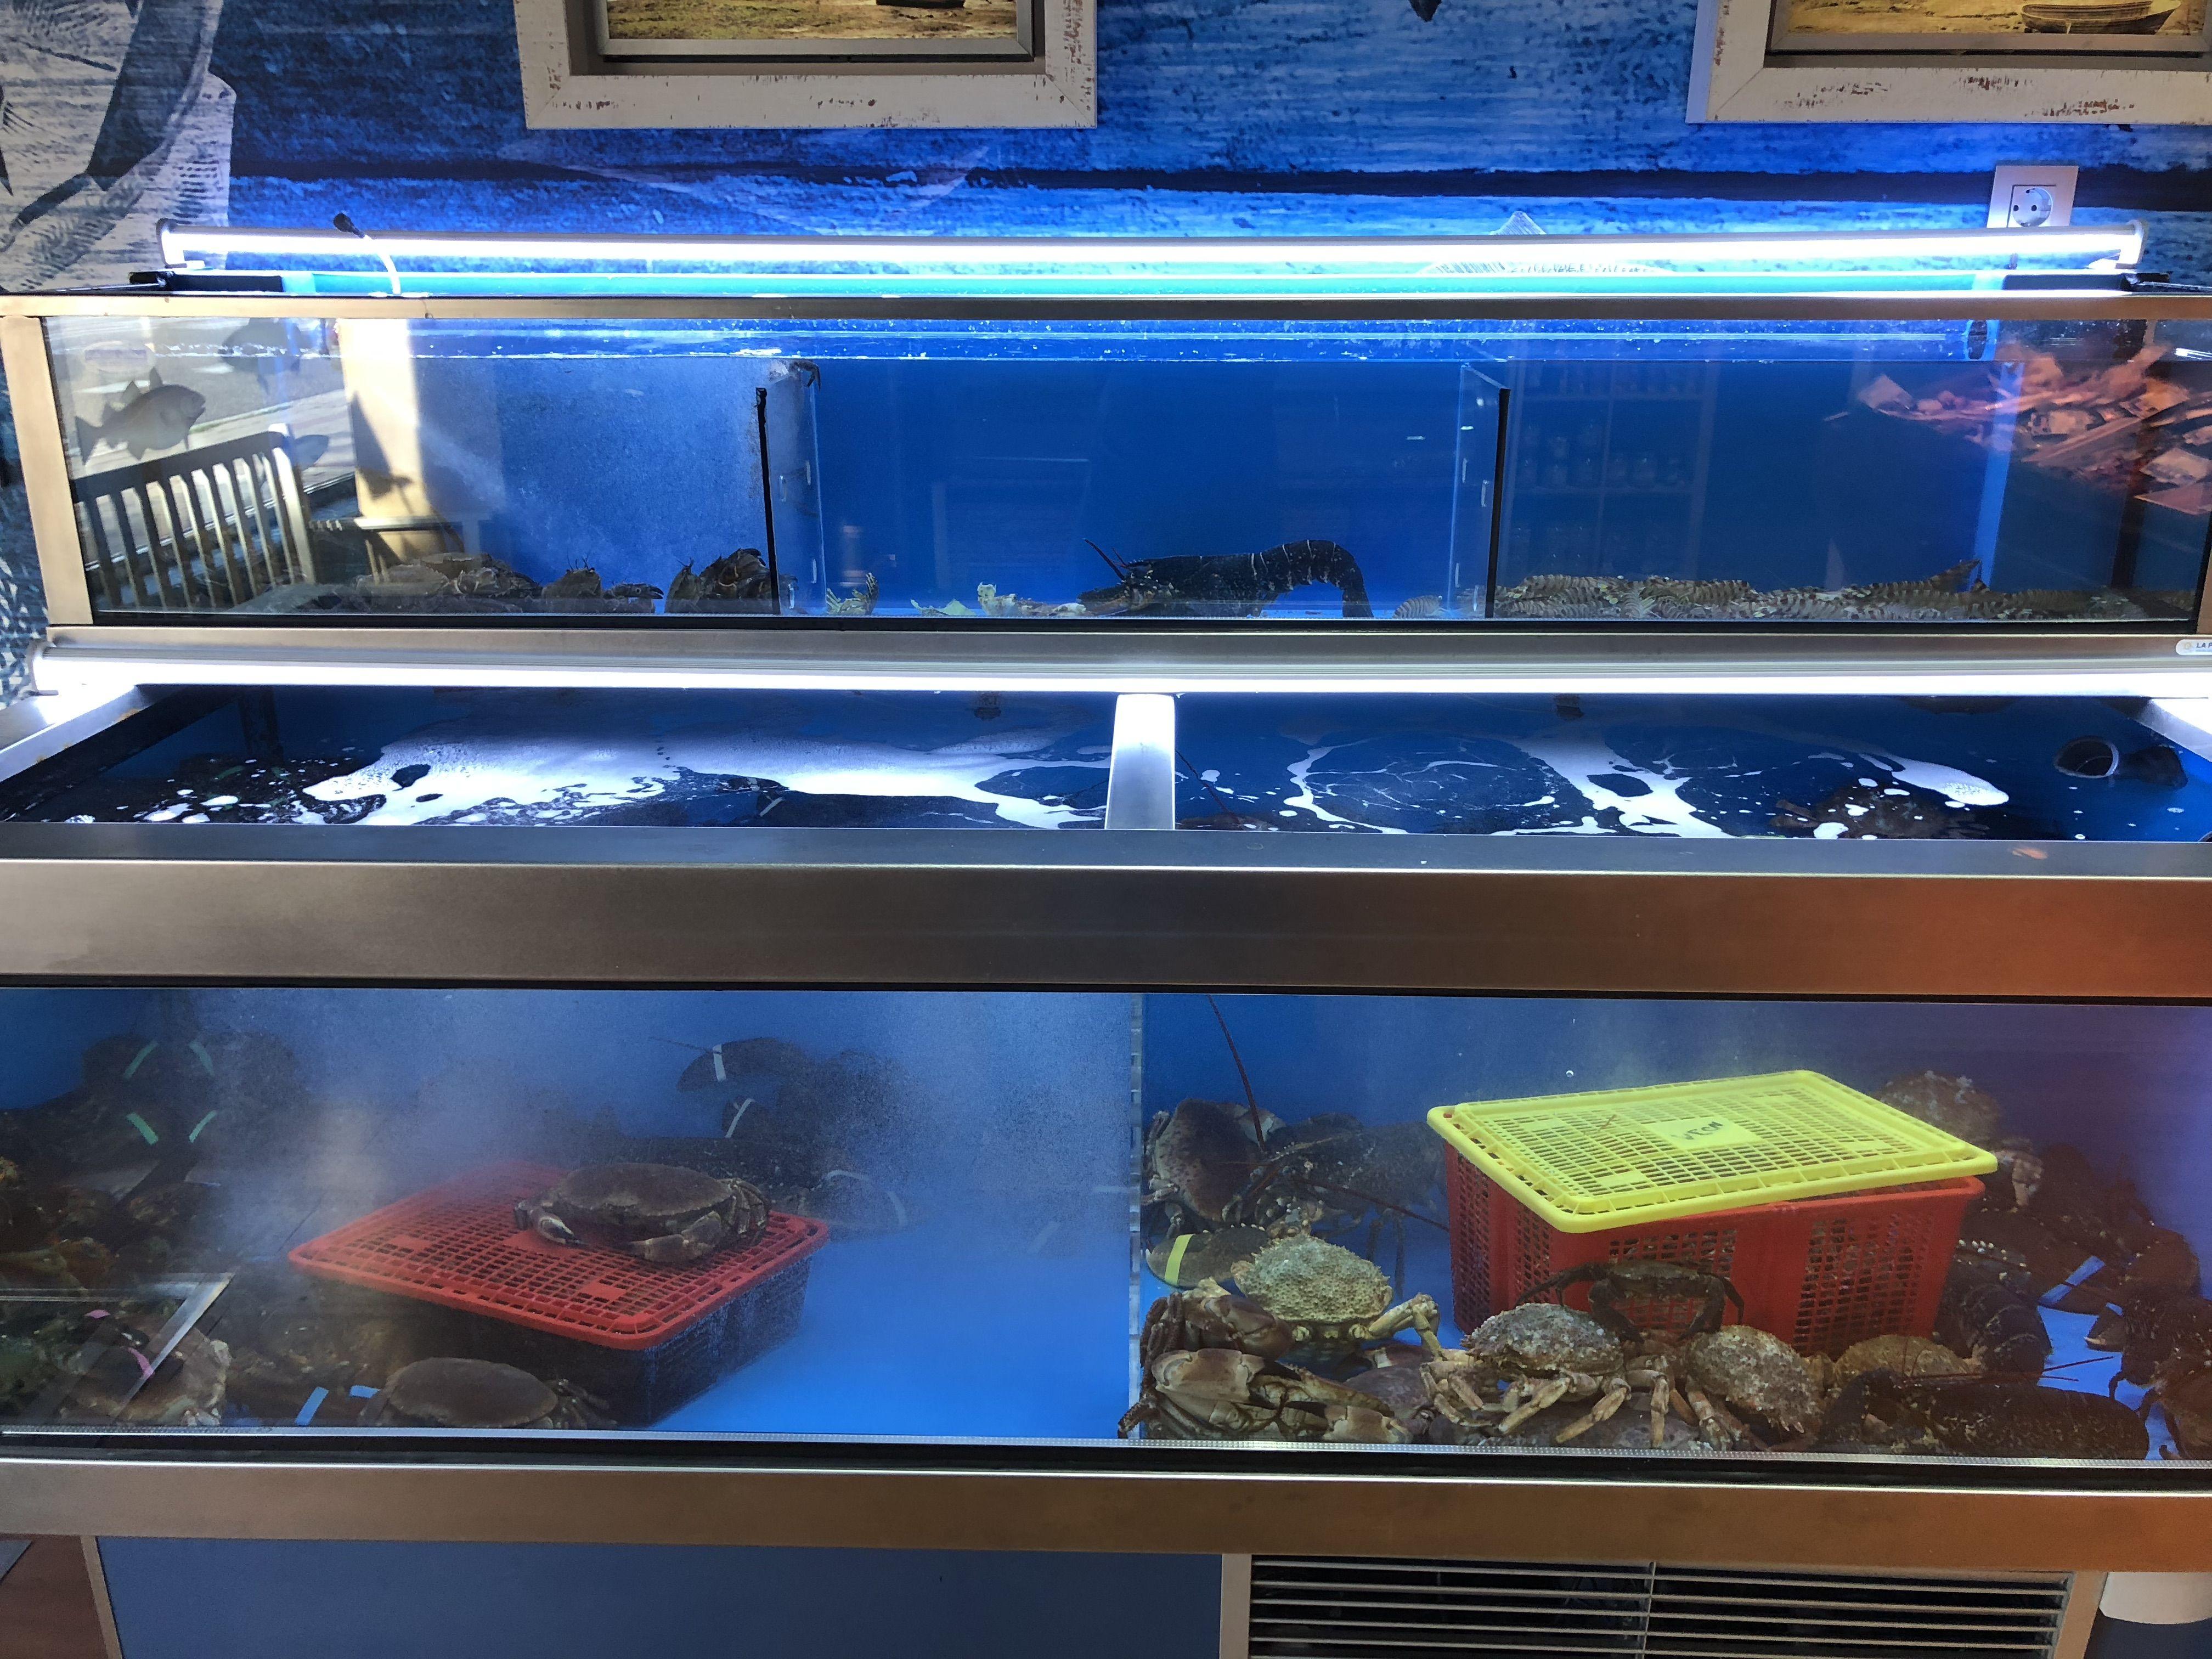 Foto 3 de Venta de pescado y mariscos de calidad suprema en Valladolid | La Barquita de San Vicente